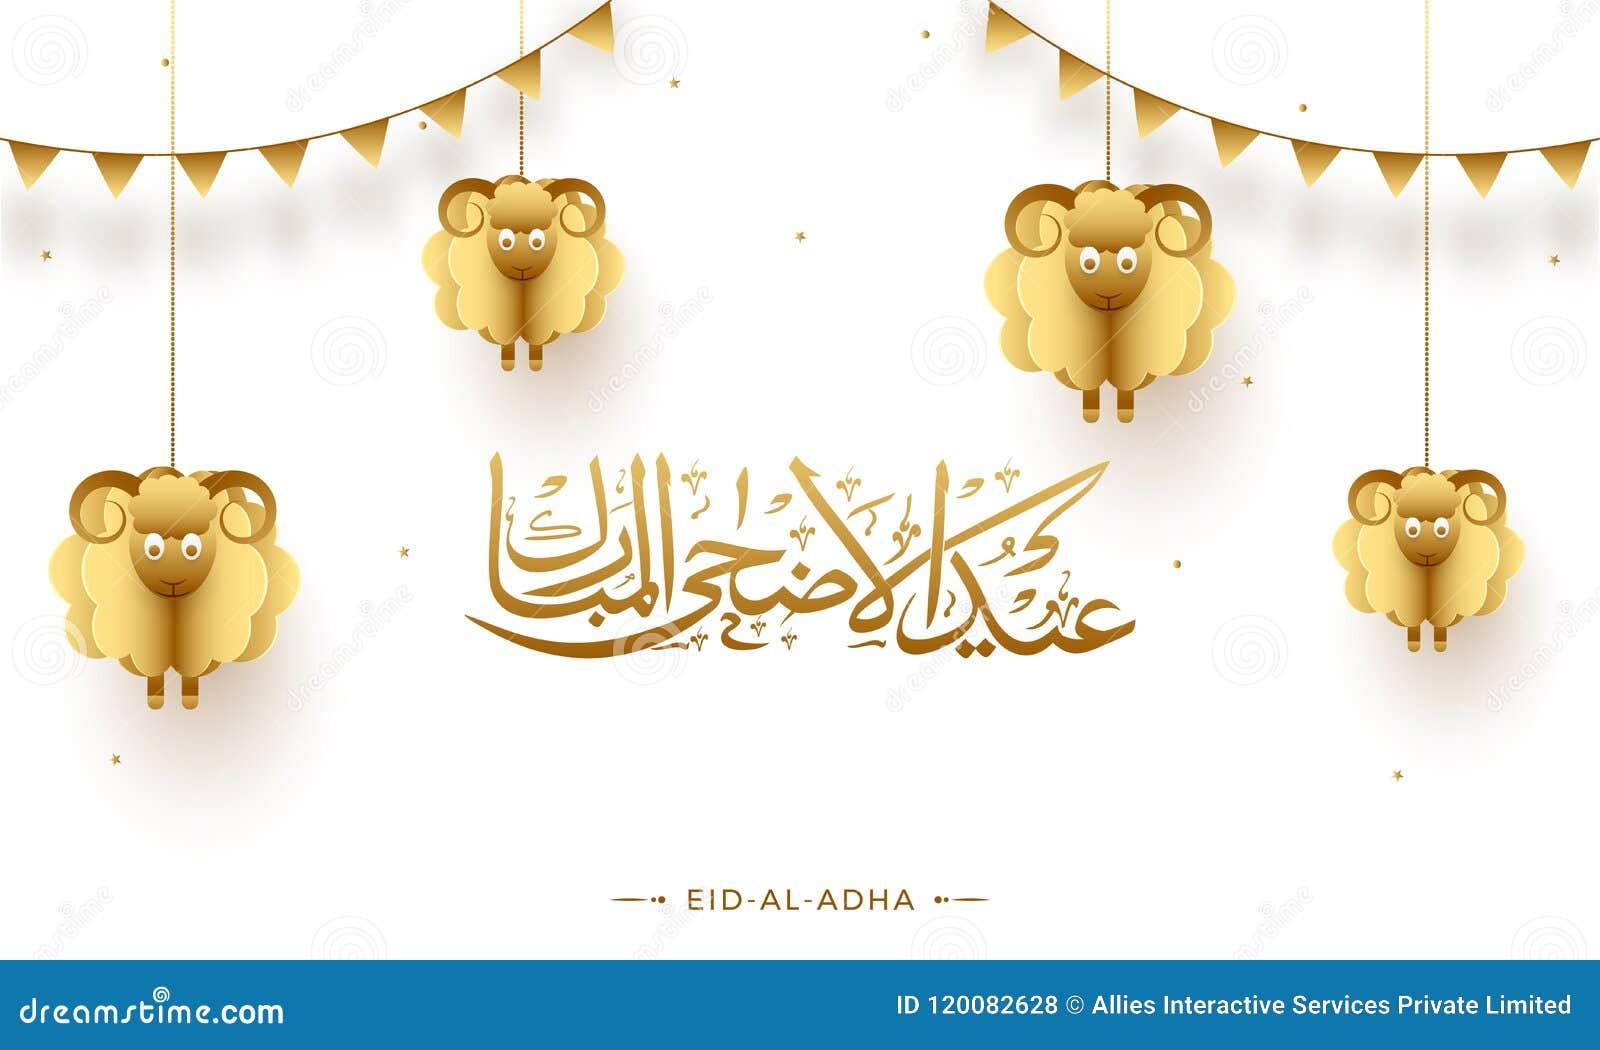 Arabisk kalligrafitext Eid al-Adha, islamisk festival av sacrifien